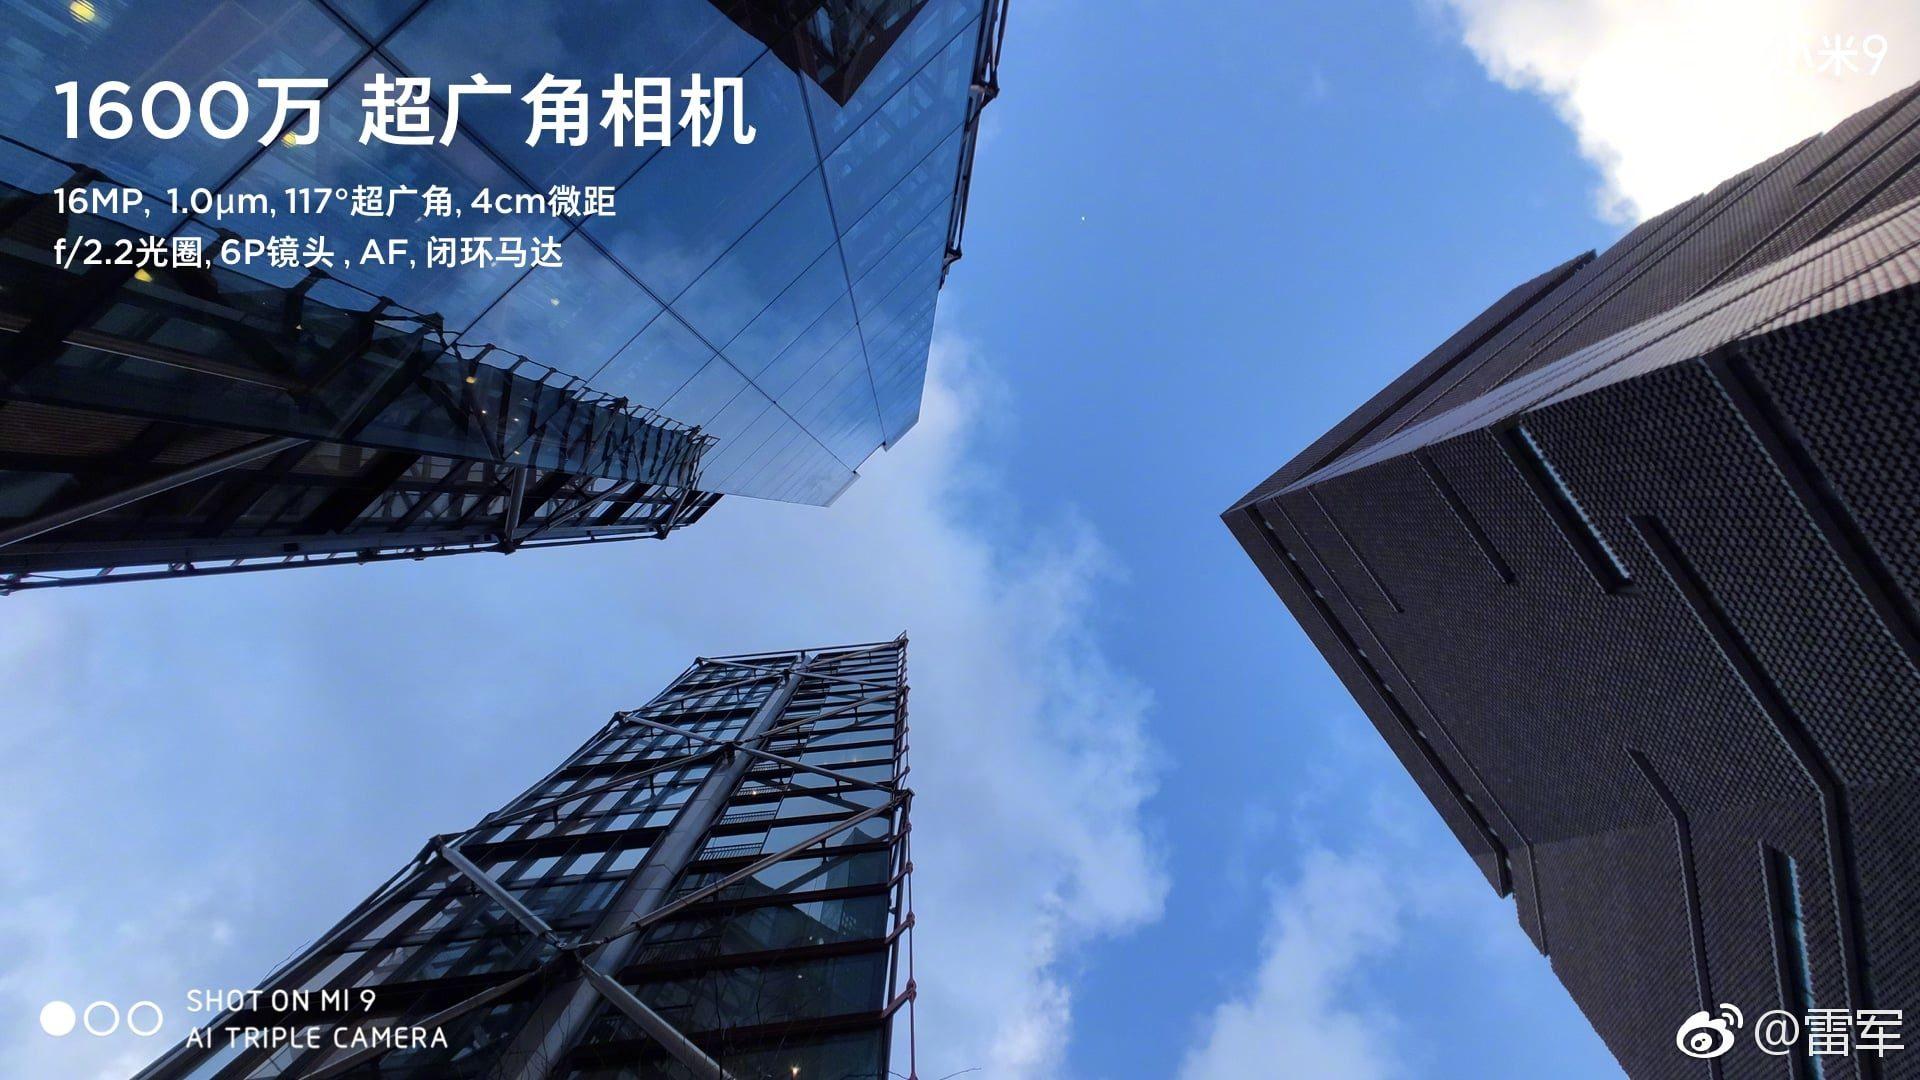 Xiaomi Mi 9: 18 Hintergründe zum Download techboys.de • smarte News, auf den Punkt!